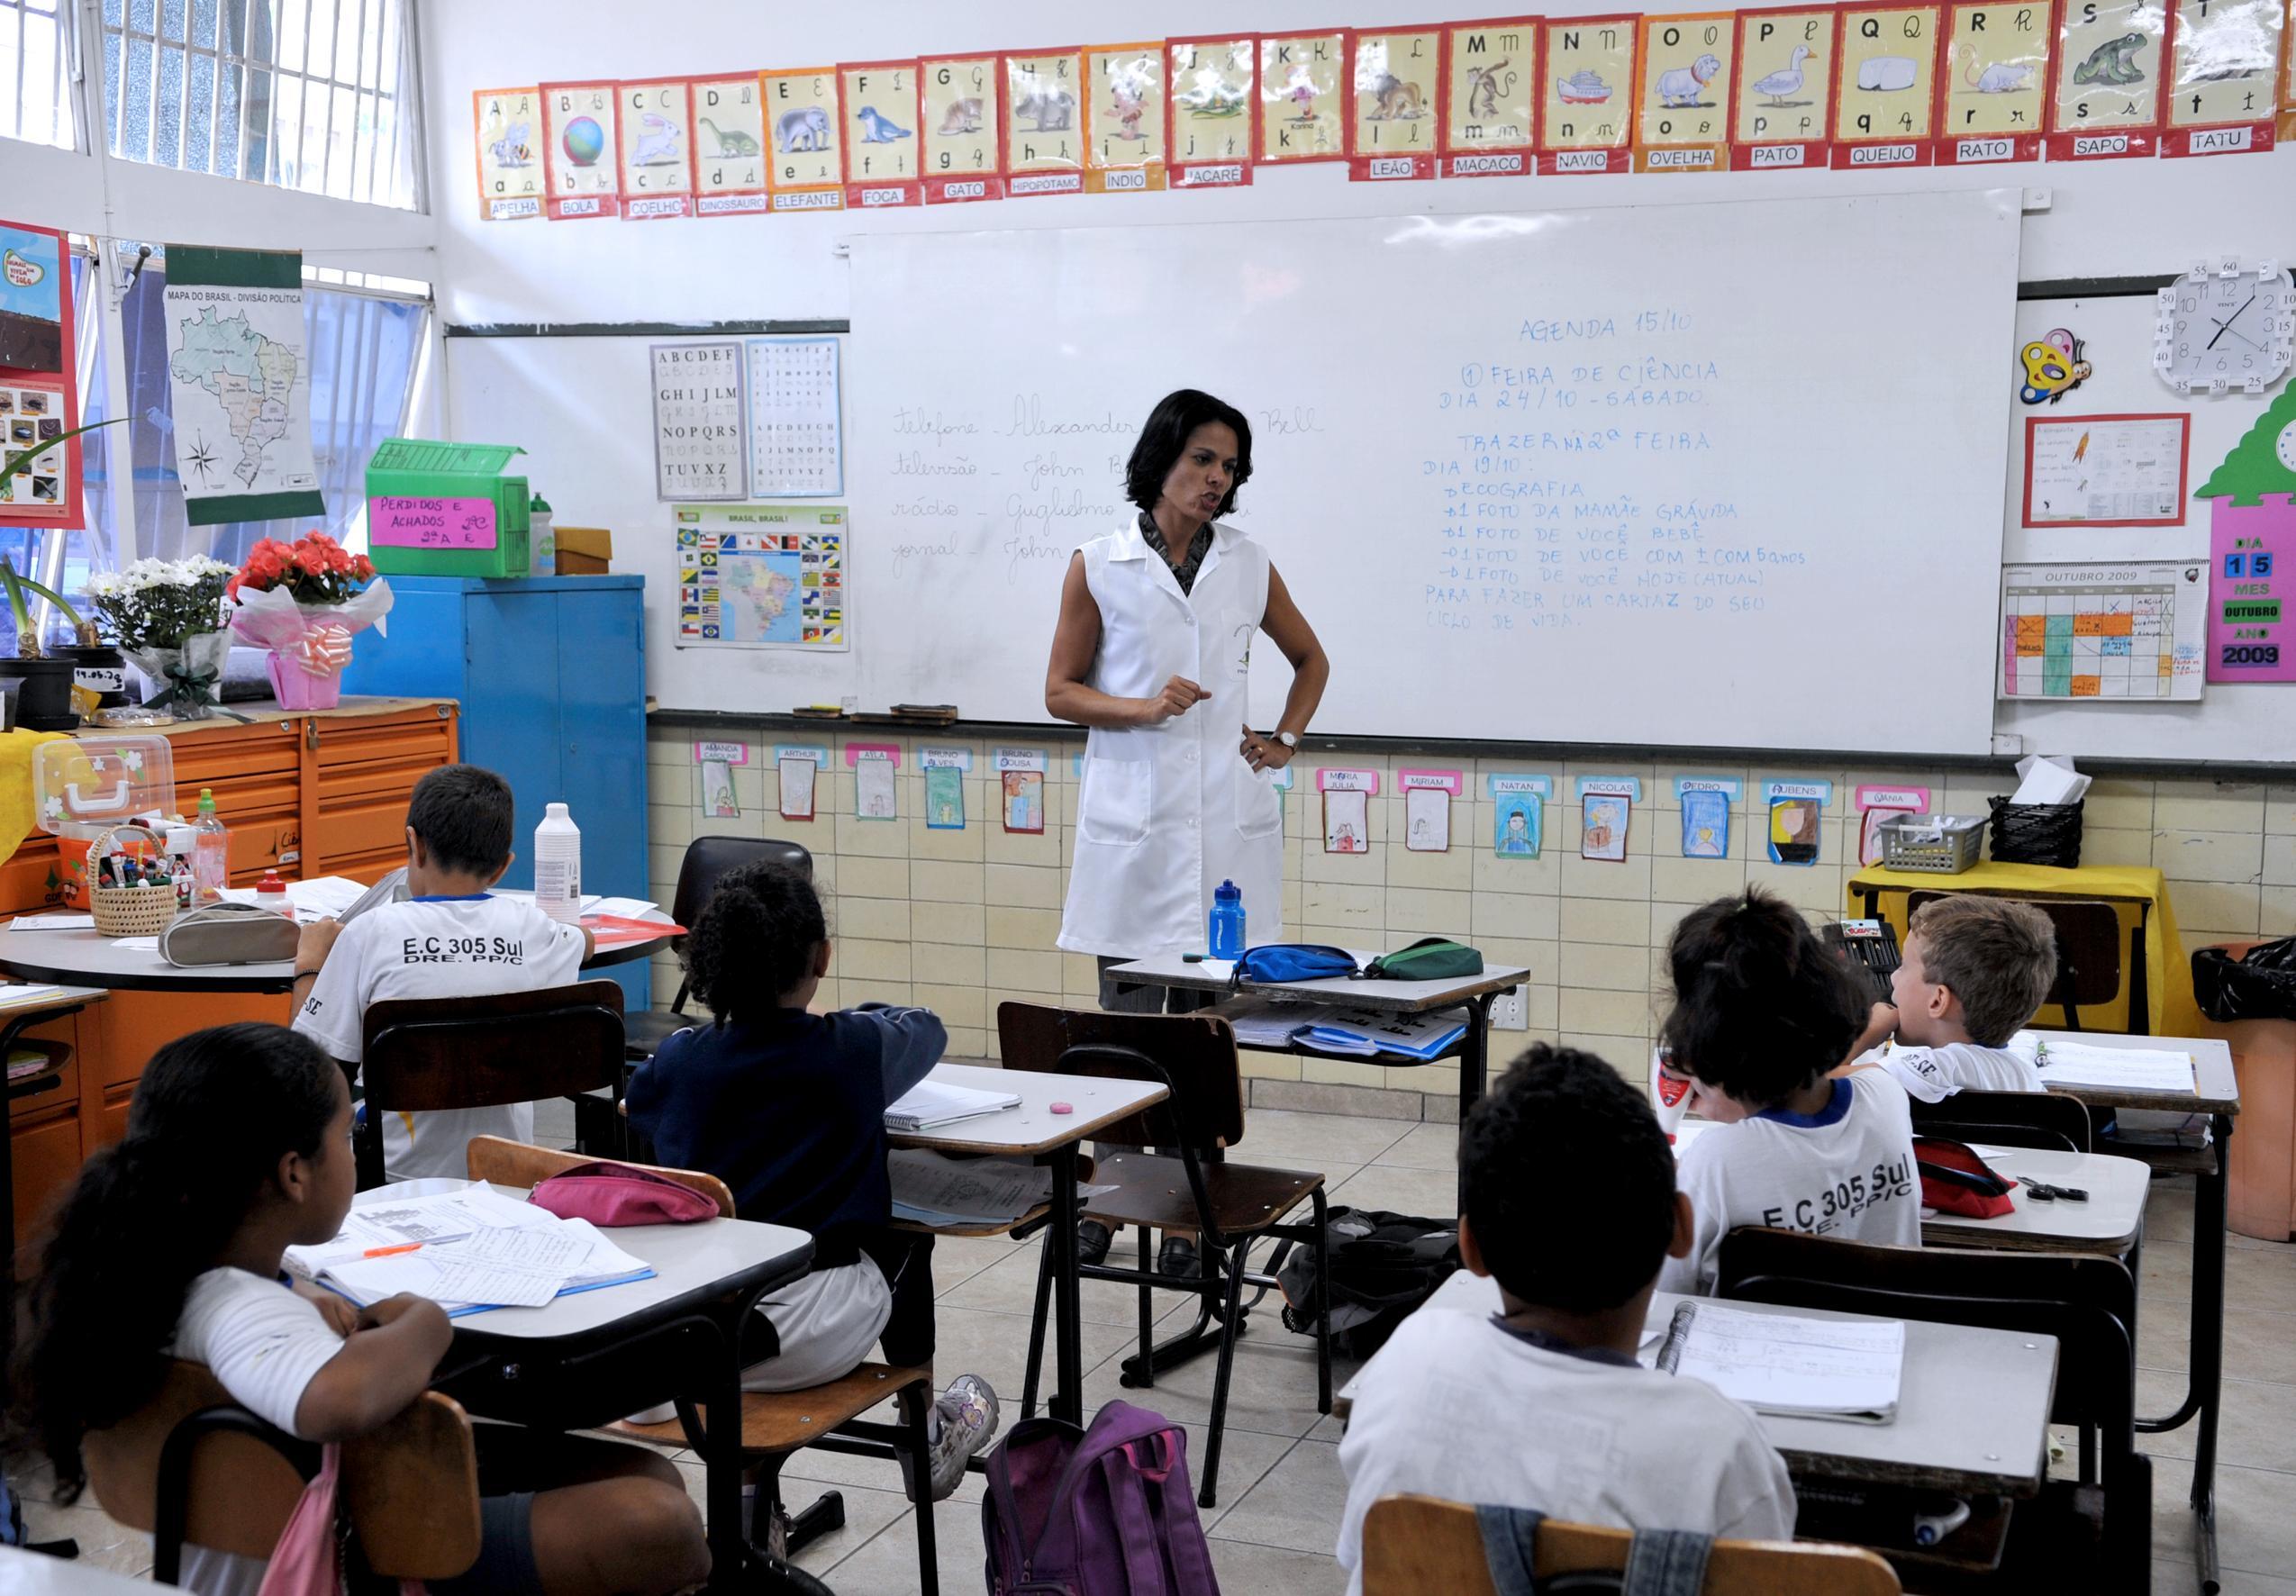 Resultado de imagem para professor em sala de aula em Brasília